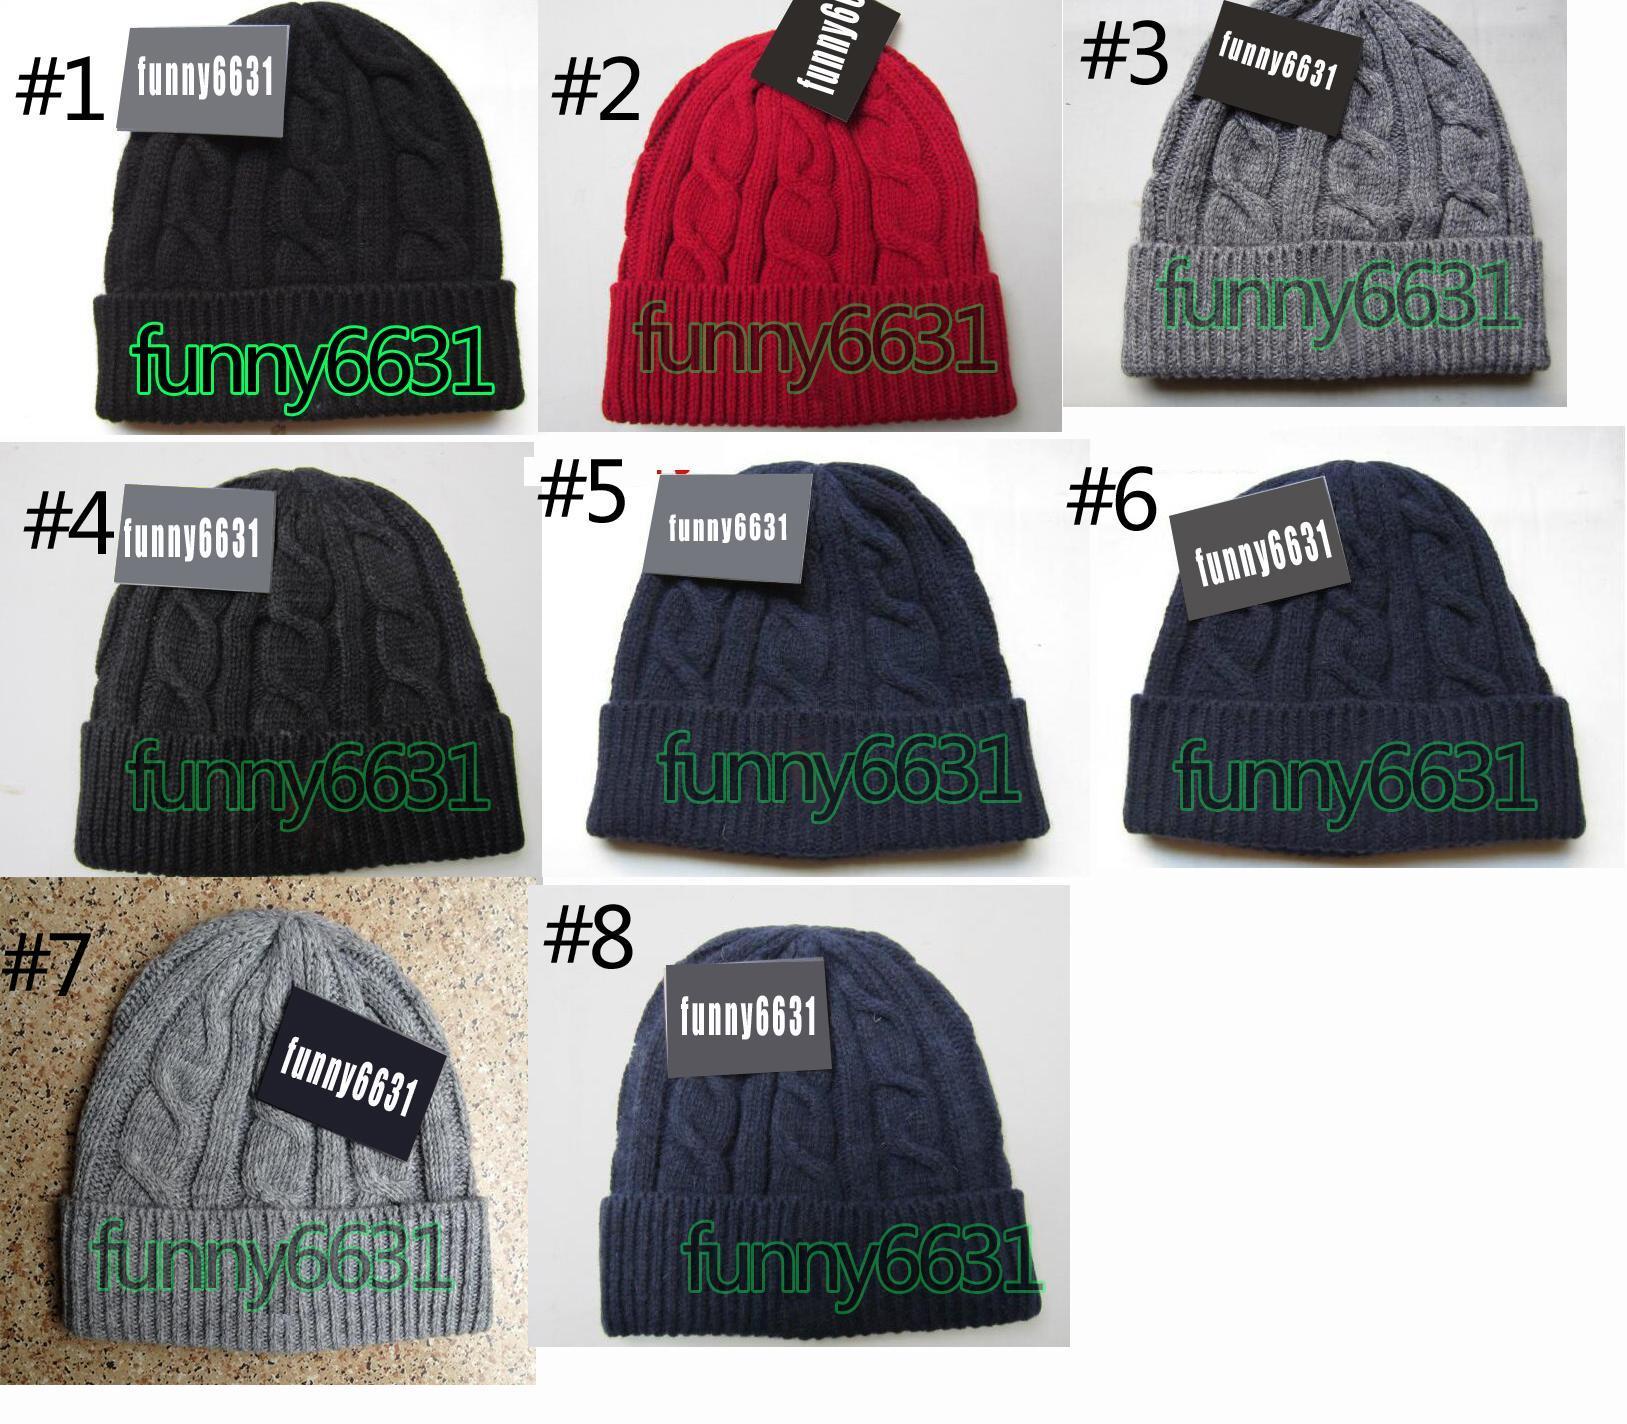 10 adet Kış Adam Serin Moda Şapka Kadın Örgü Şapka Unisex Sıcak Şapka Klasik Kap Kadın Örme Şapka Beanie Şapka 8 Renkler Ücretsiz Kargo